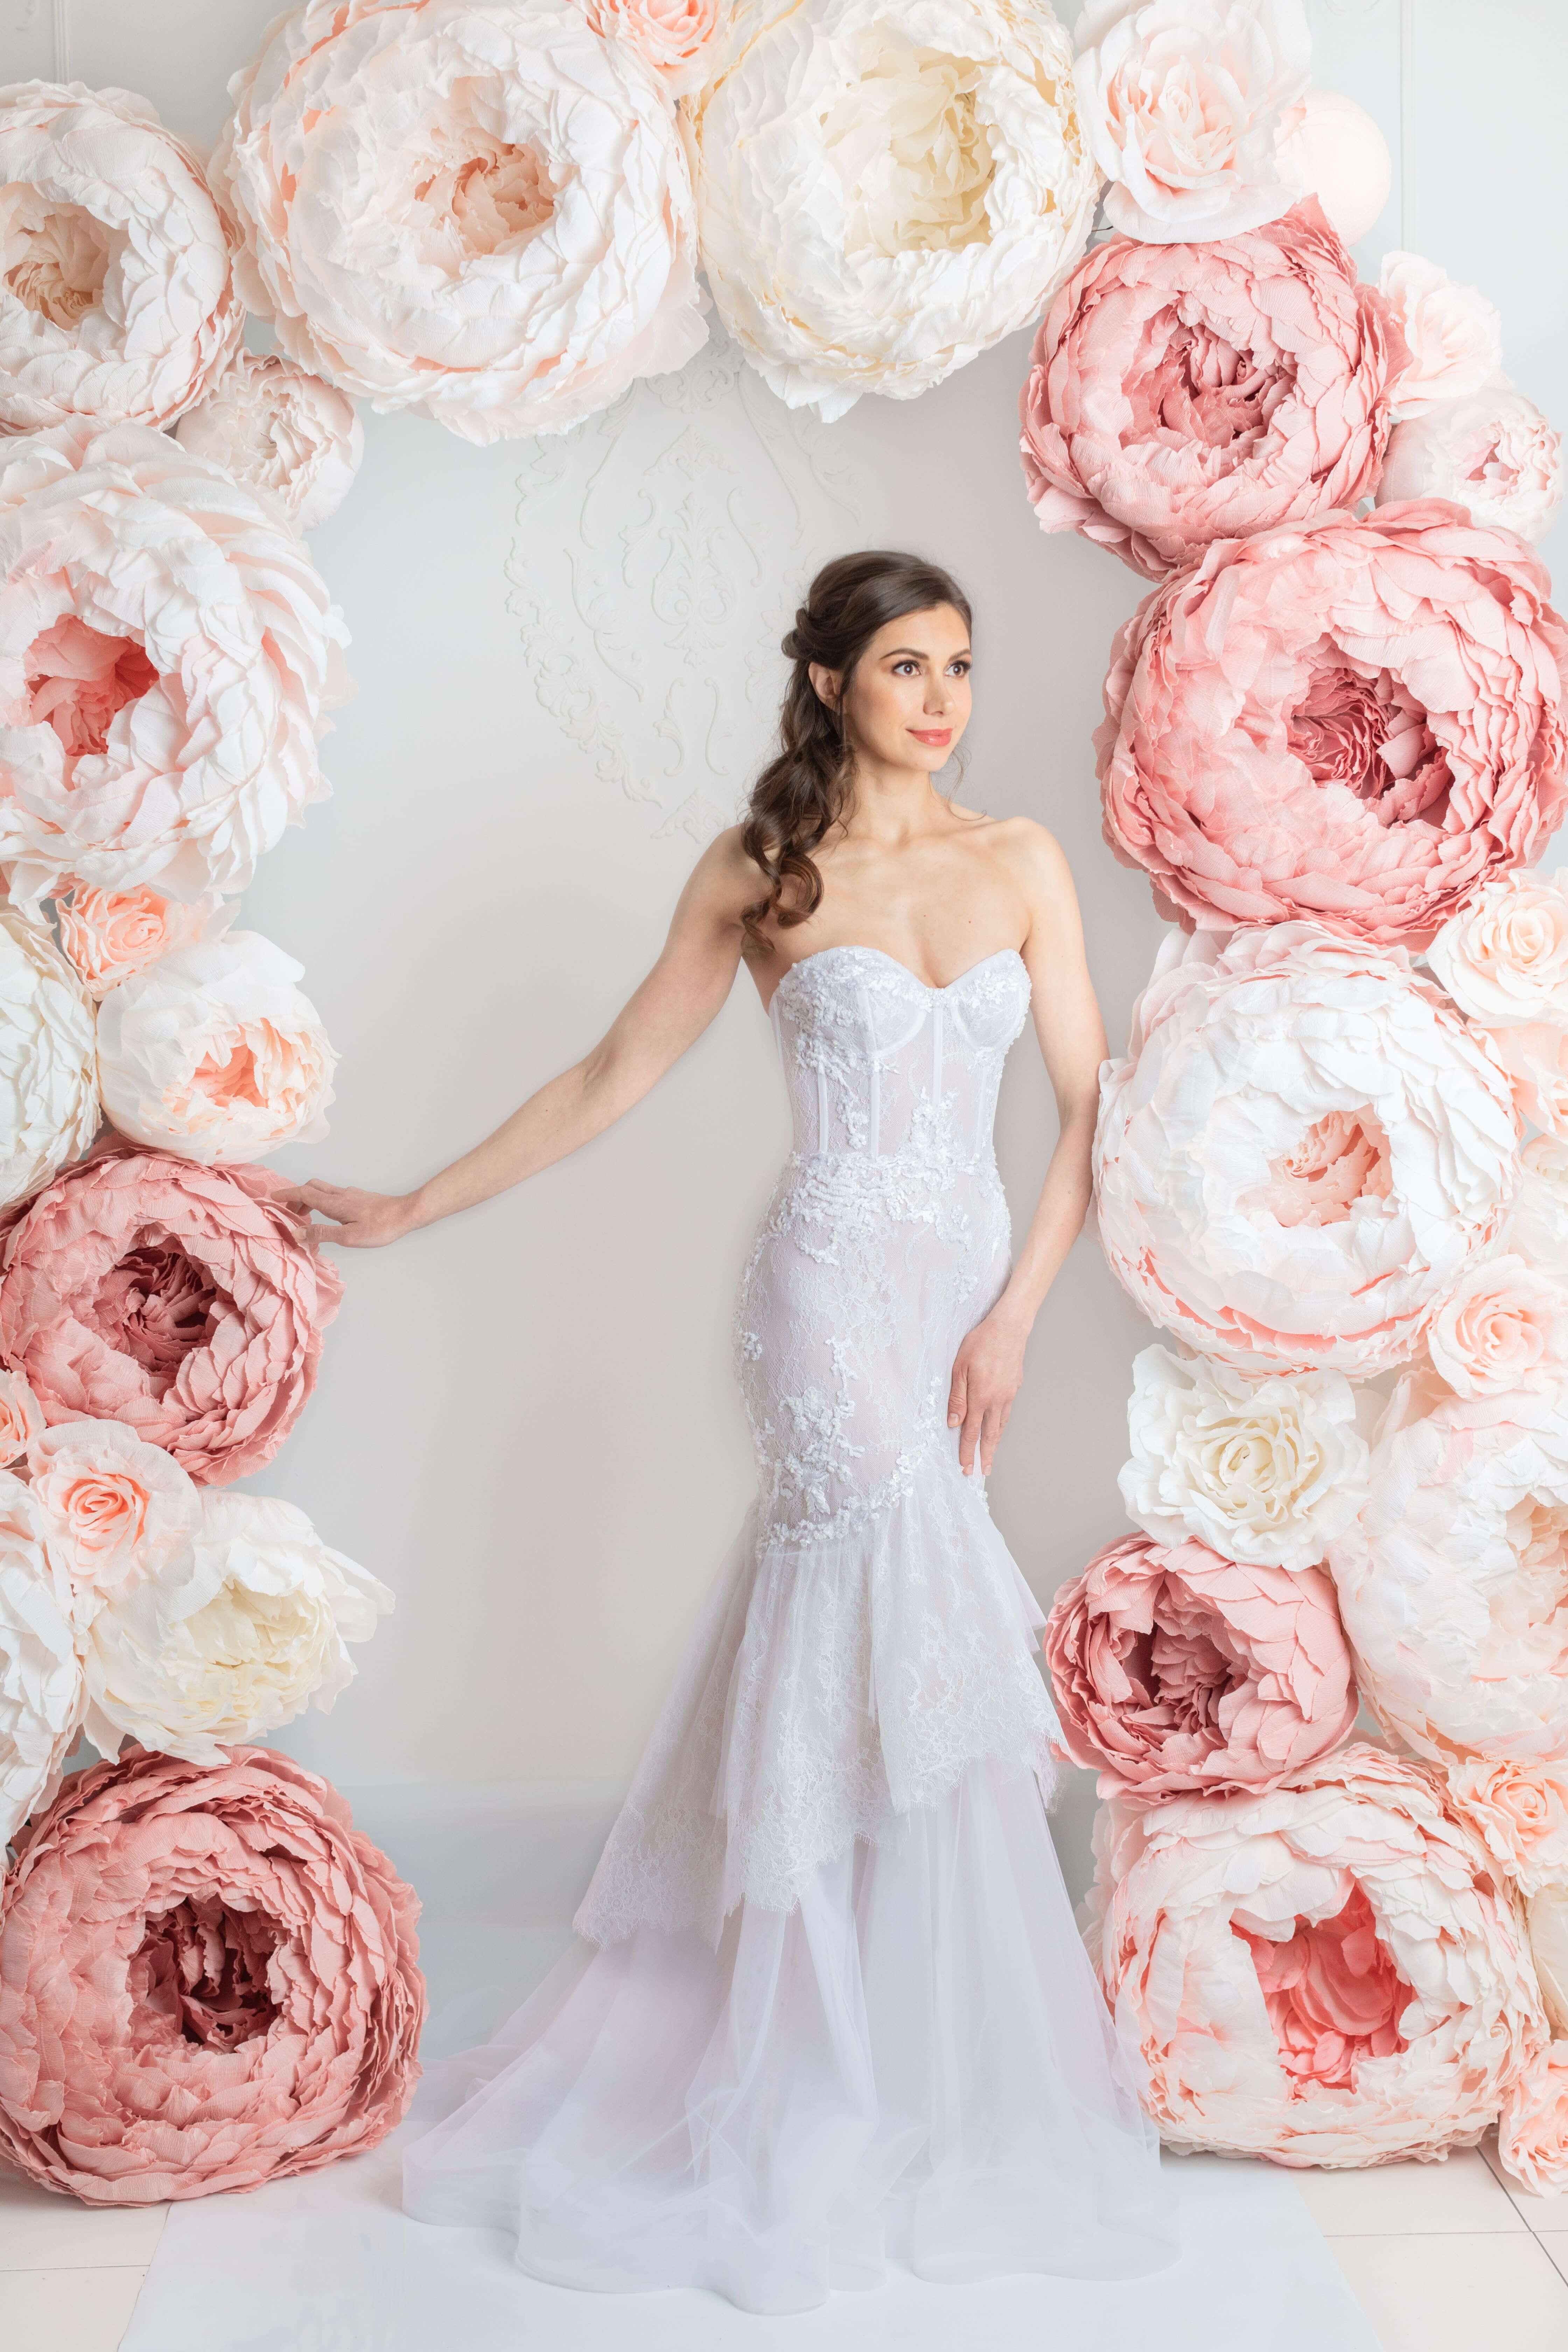 robe de mariee rose poudre meilleures robes de mariee montreal boutique lilia haute couture